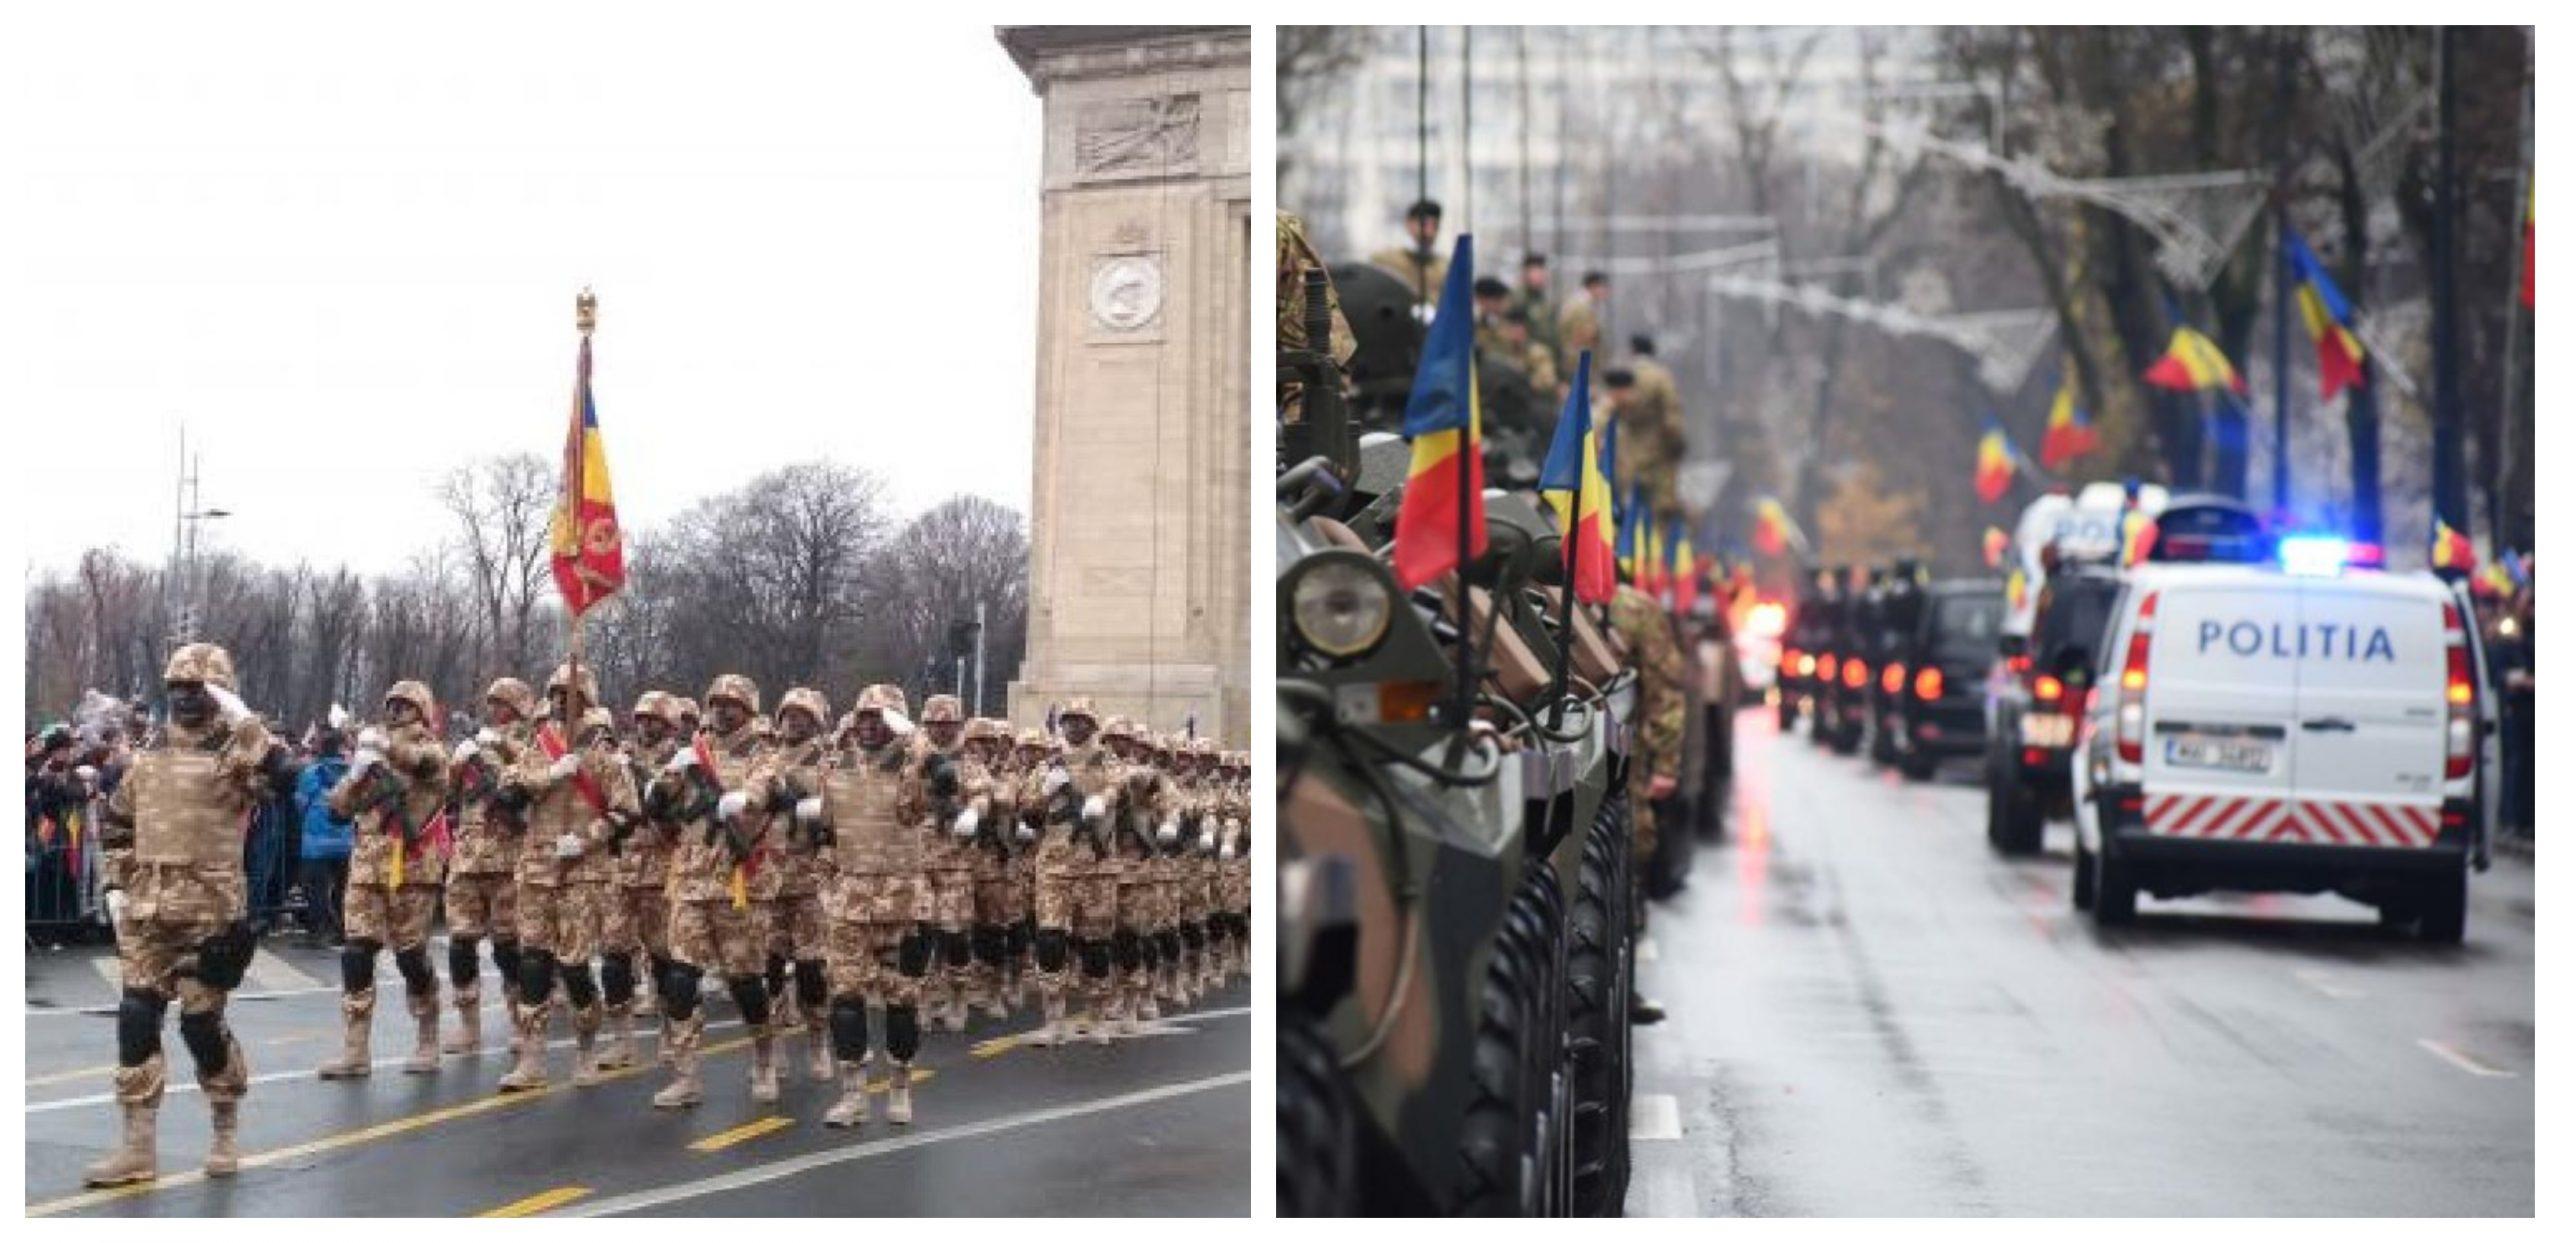 Au fost anunțate măsurile obligatorii la Parada de 1 decembrie. Cine poate participa